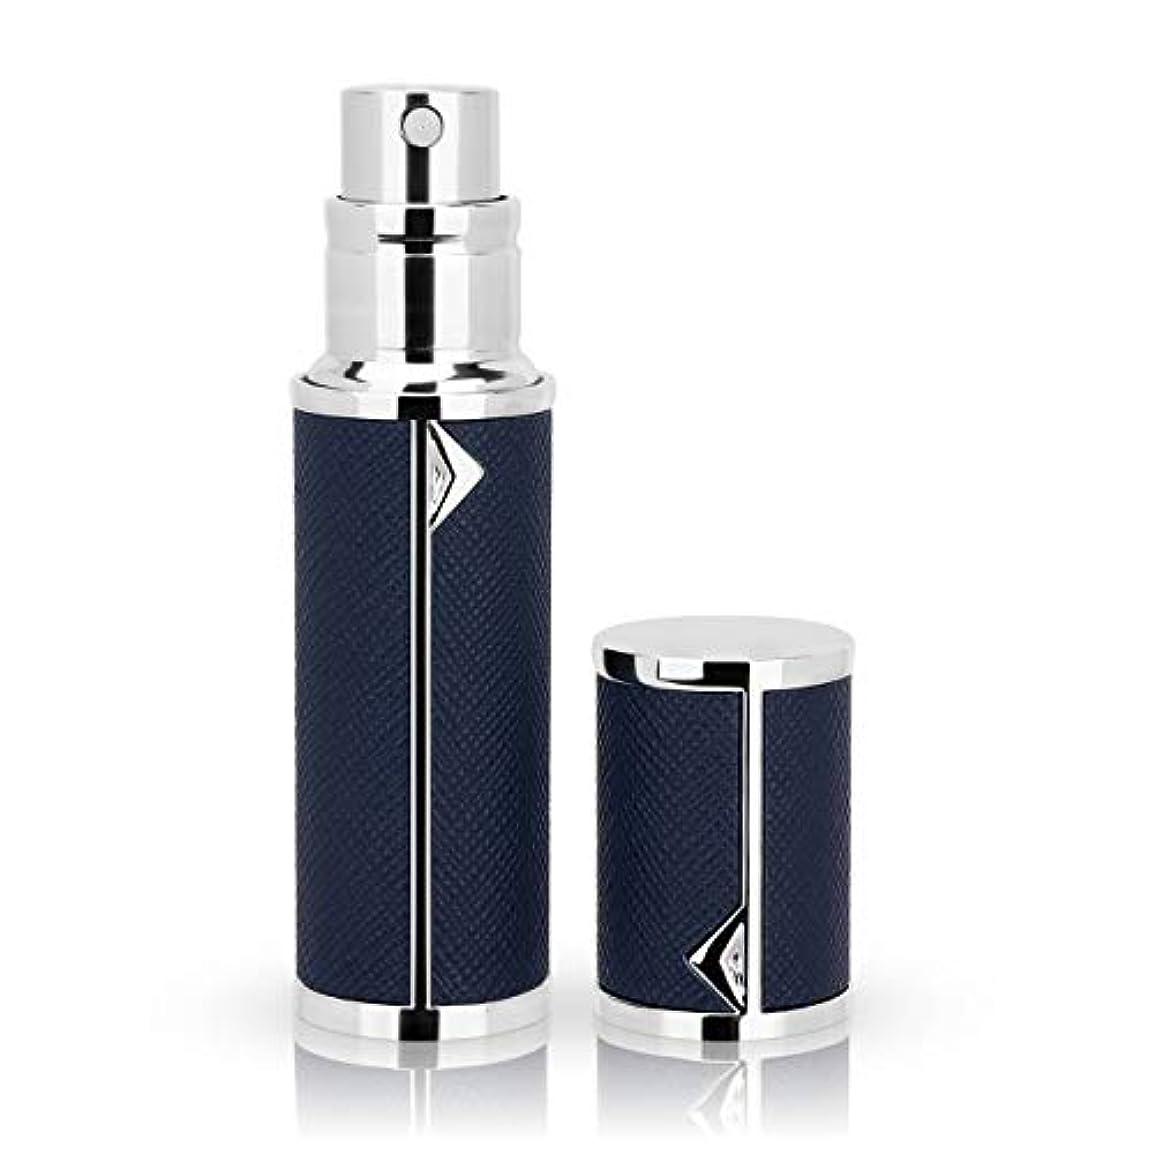 受け皿一時停止サーバアトマイザー 香水アトマイザー 詰め替え Louischanzl 香水噴霧器 2-2.5mm径 5ml PUレザー レディース メンズ (紺色DarkBlue)